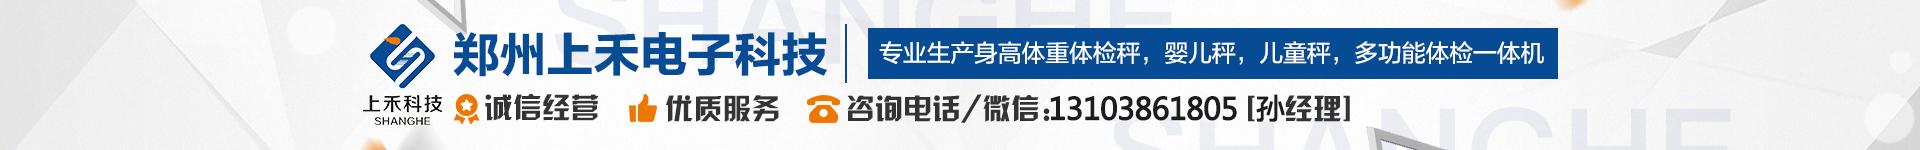 鄭州上禾電子科技有限公司